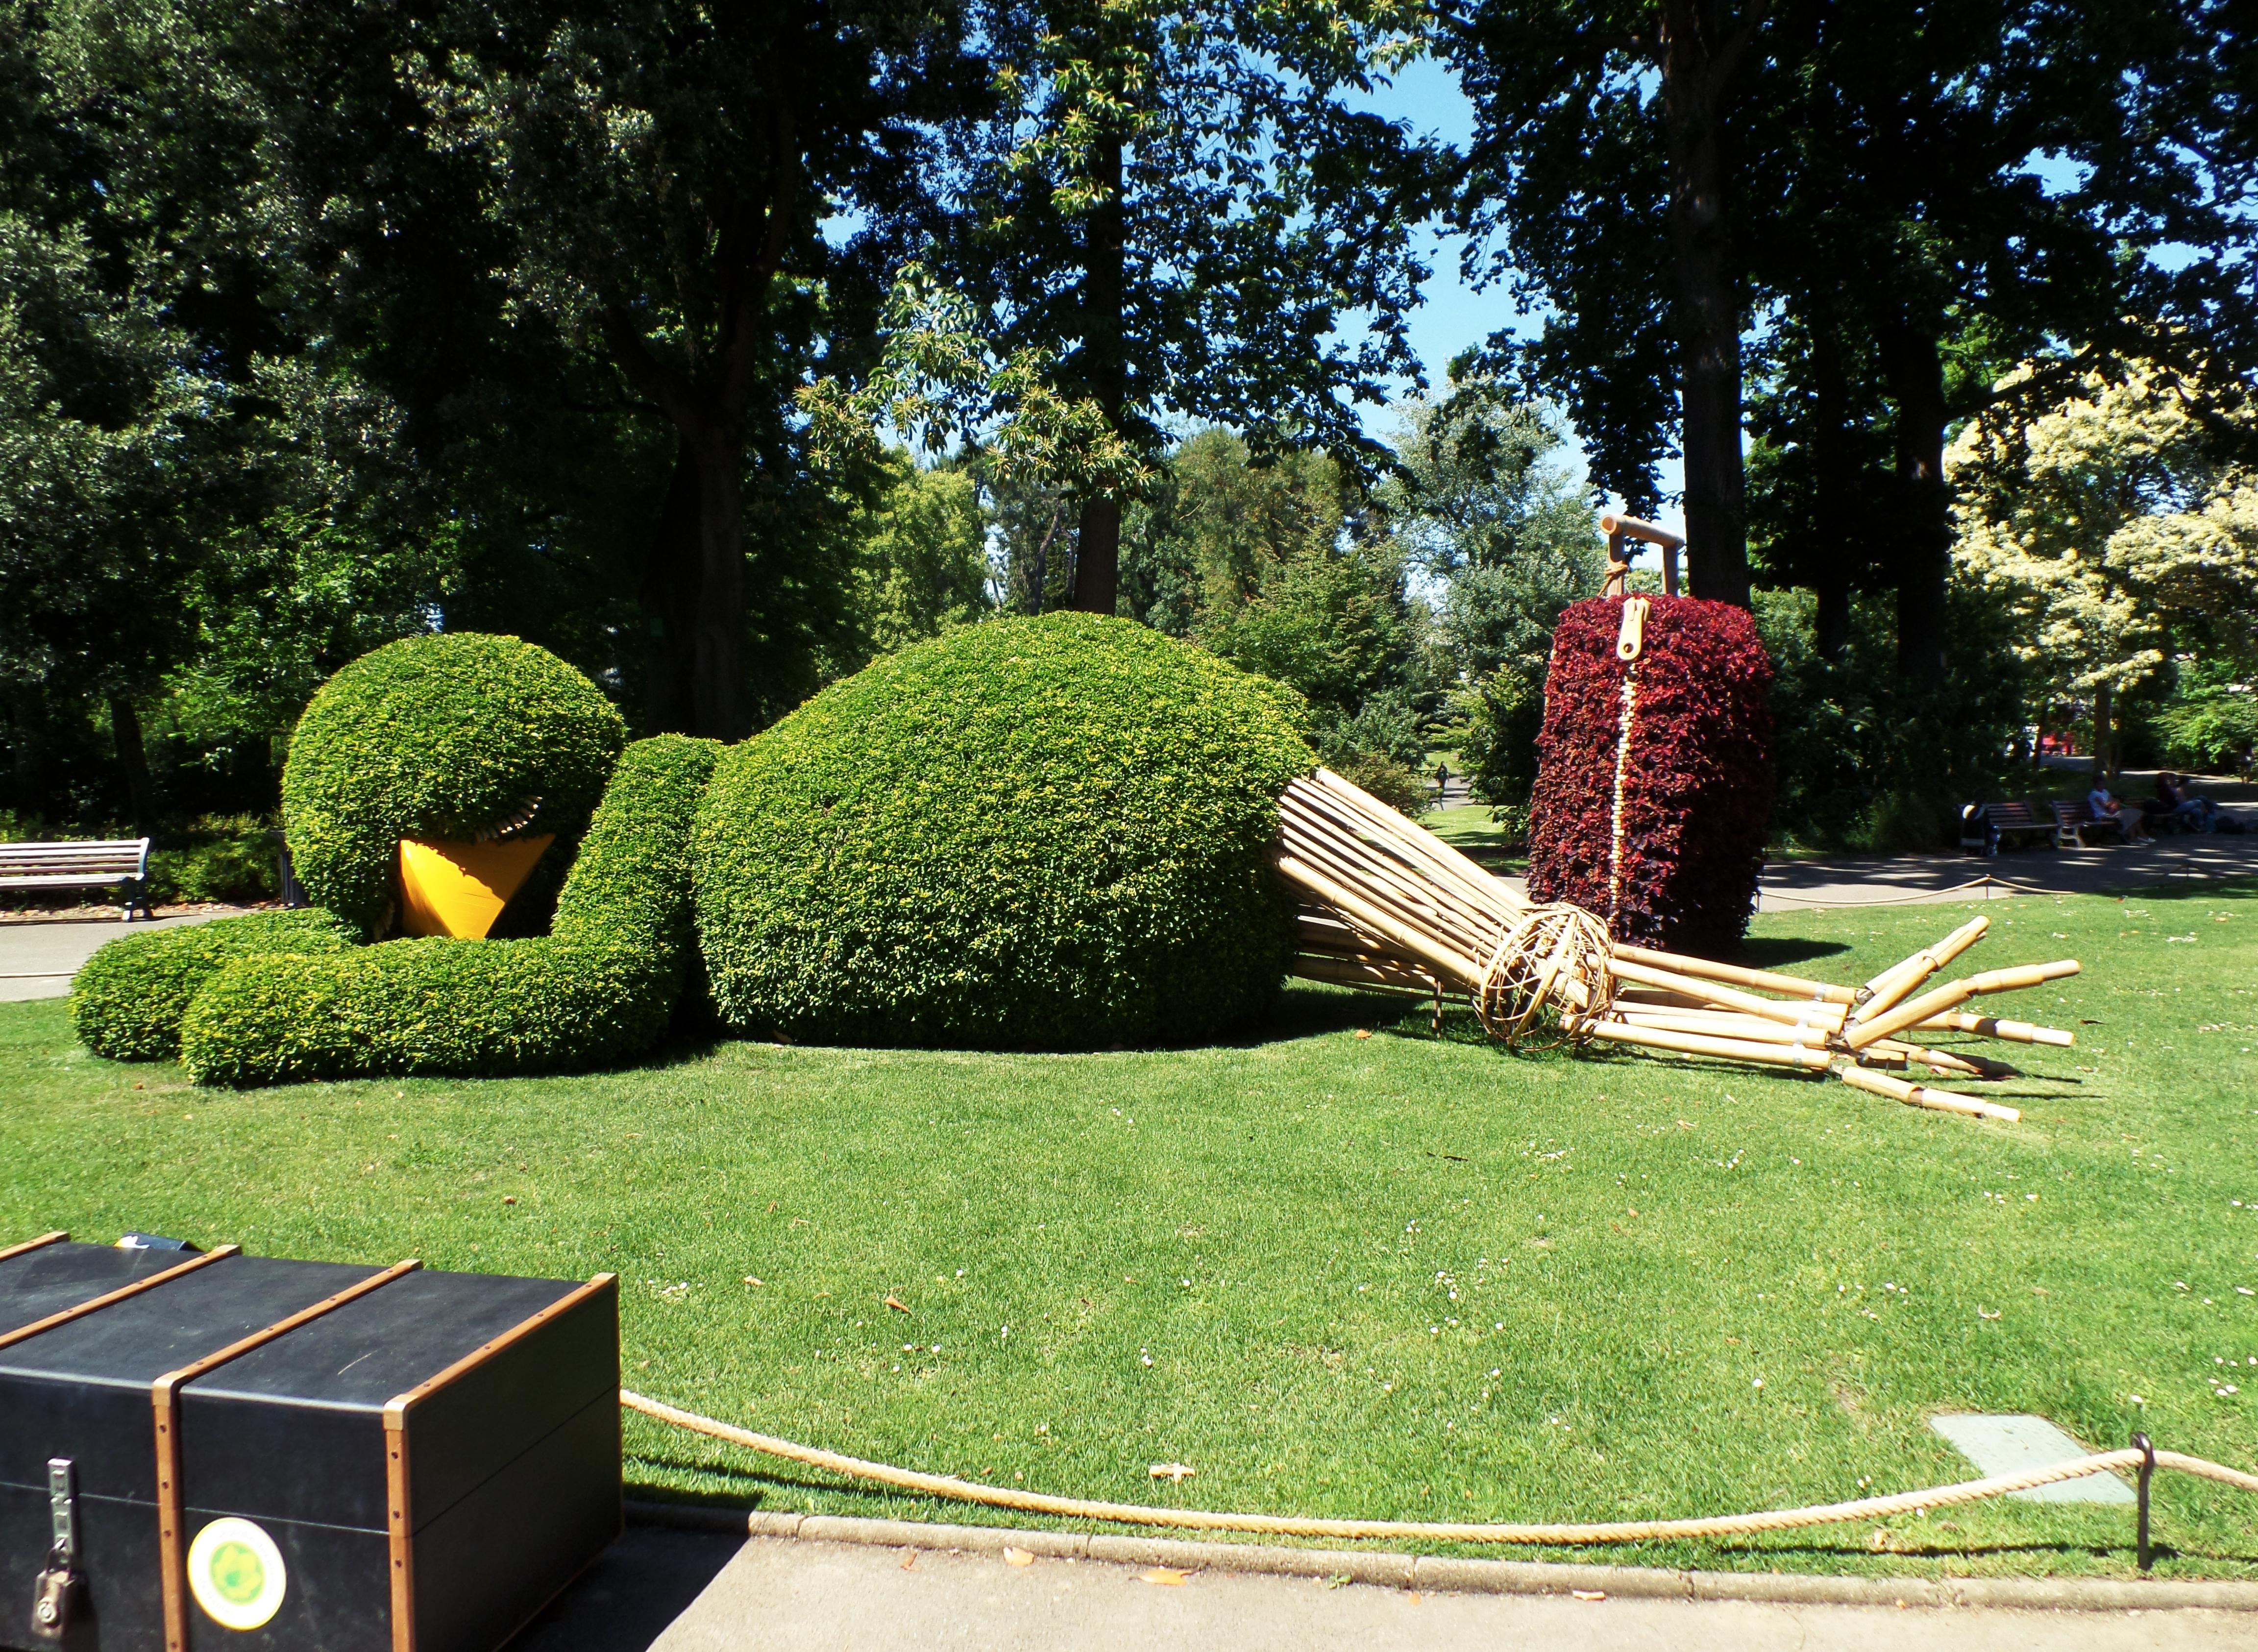 Le jardin des plantes ı Voyage à Nantes #2 |